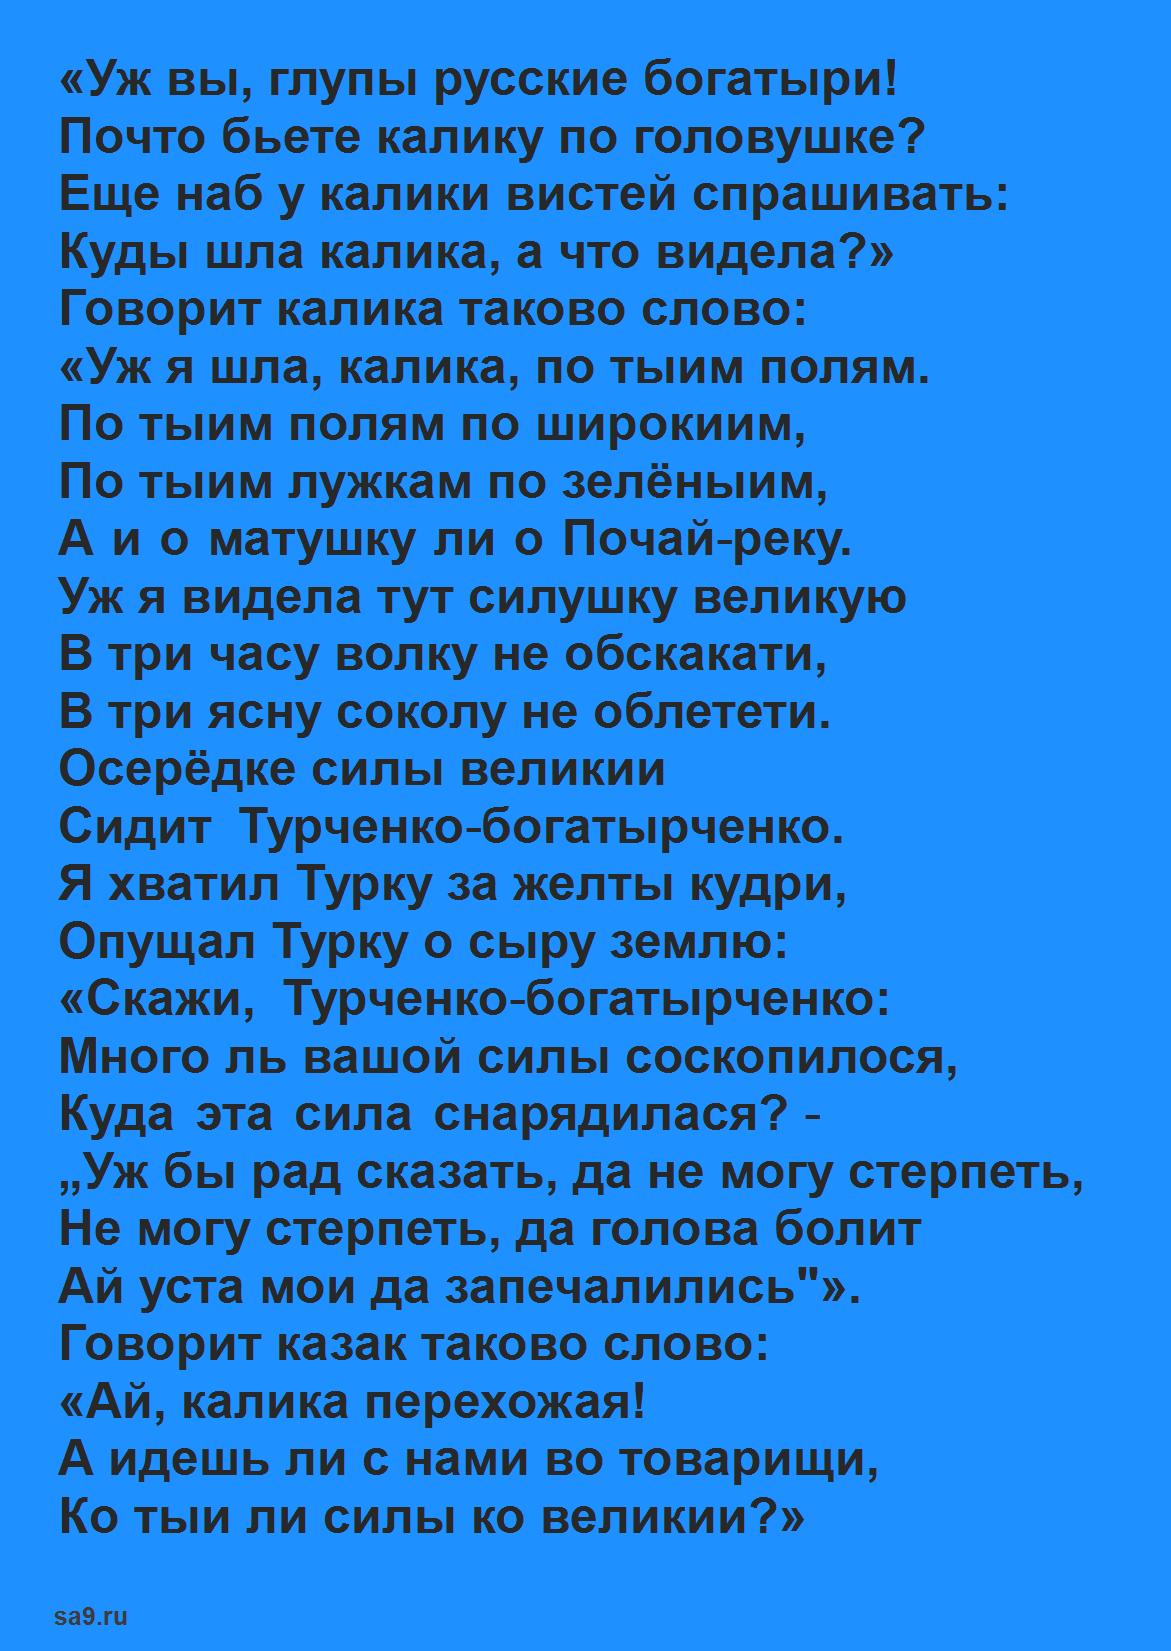 Читать русскую народную былину - Калика богатырь